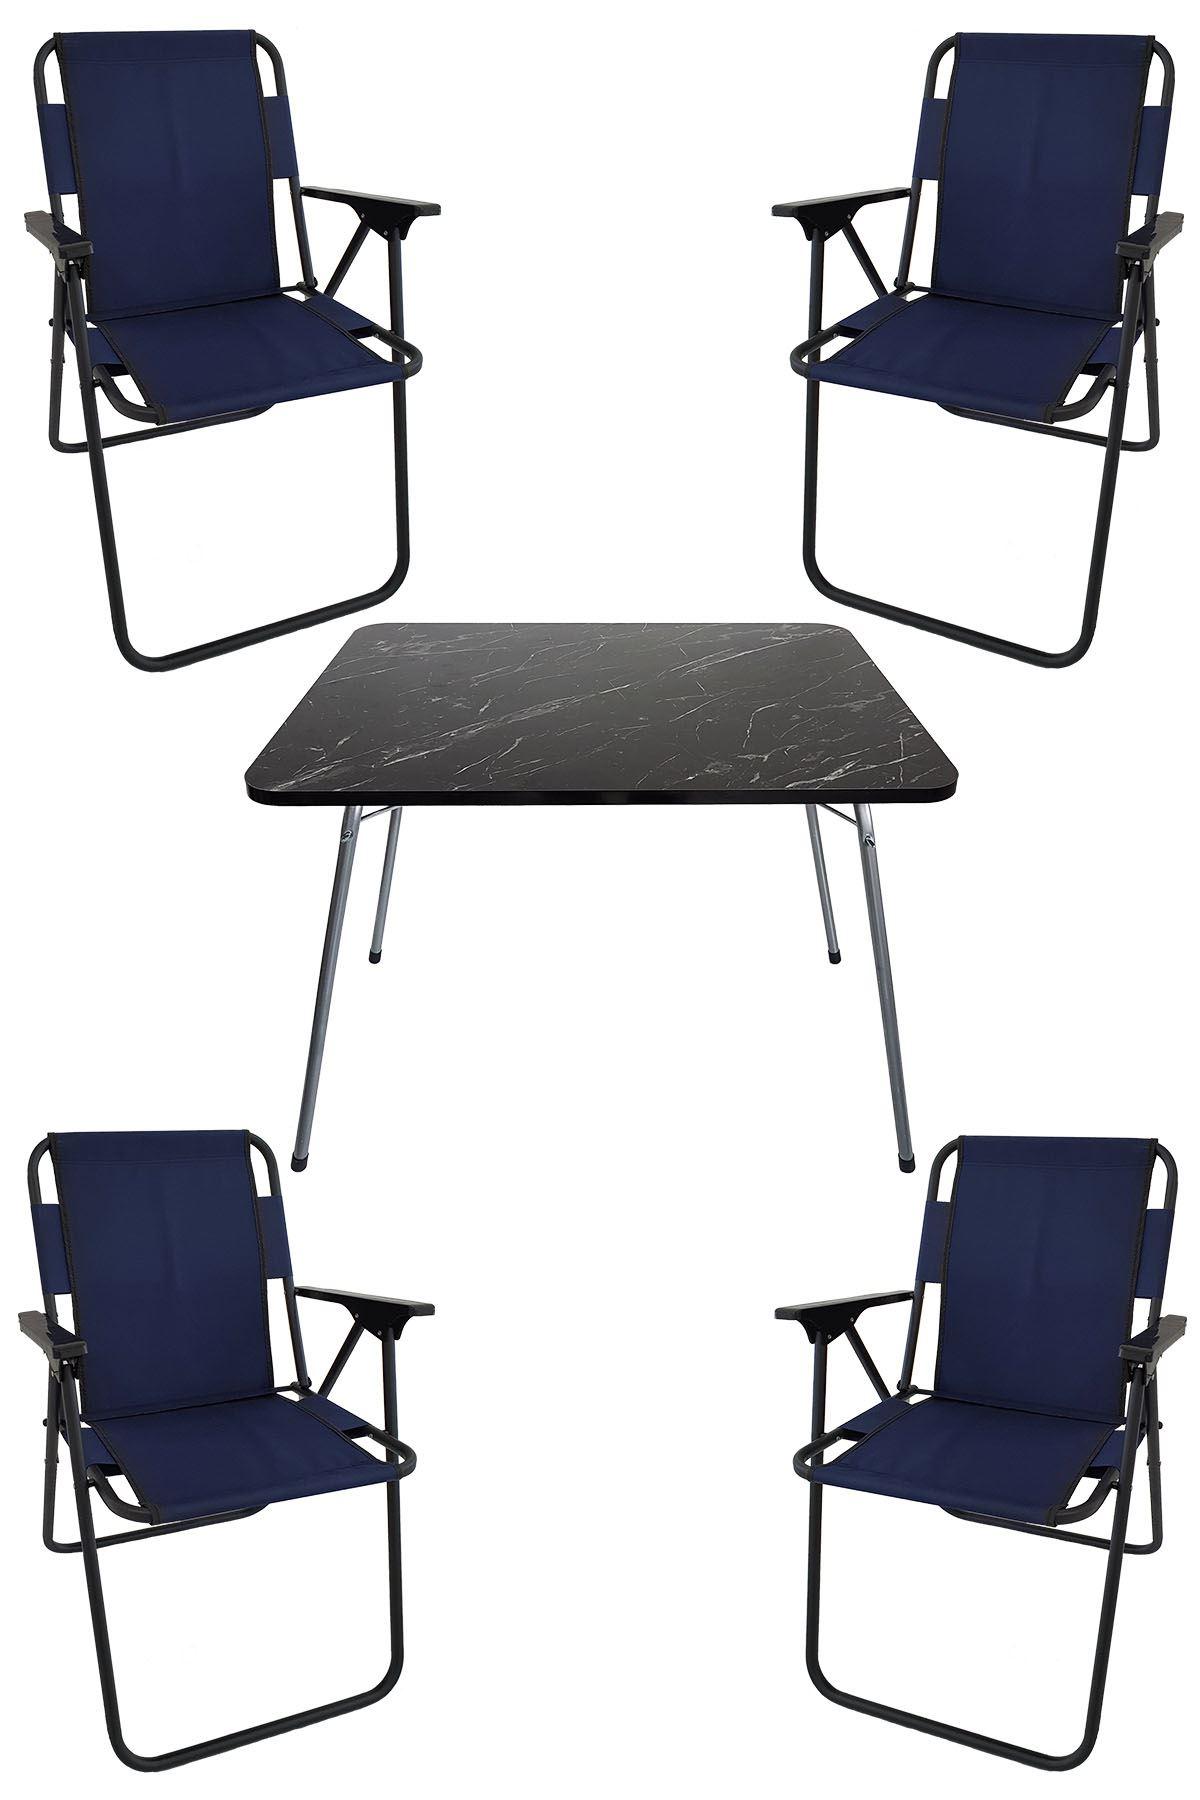 Bofigo 60X80 Granit Desenli Katlanır Masa + 4 Adet Katlanır Sandalye Kamp Seti Bahçe Takımı Lacivert